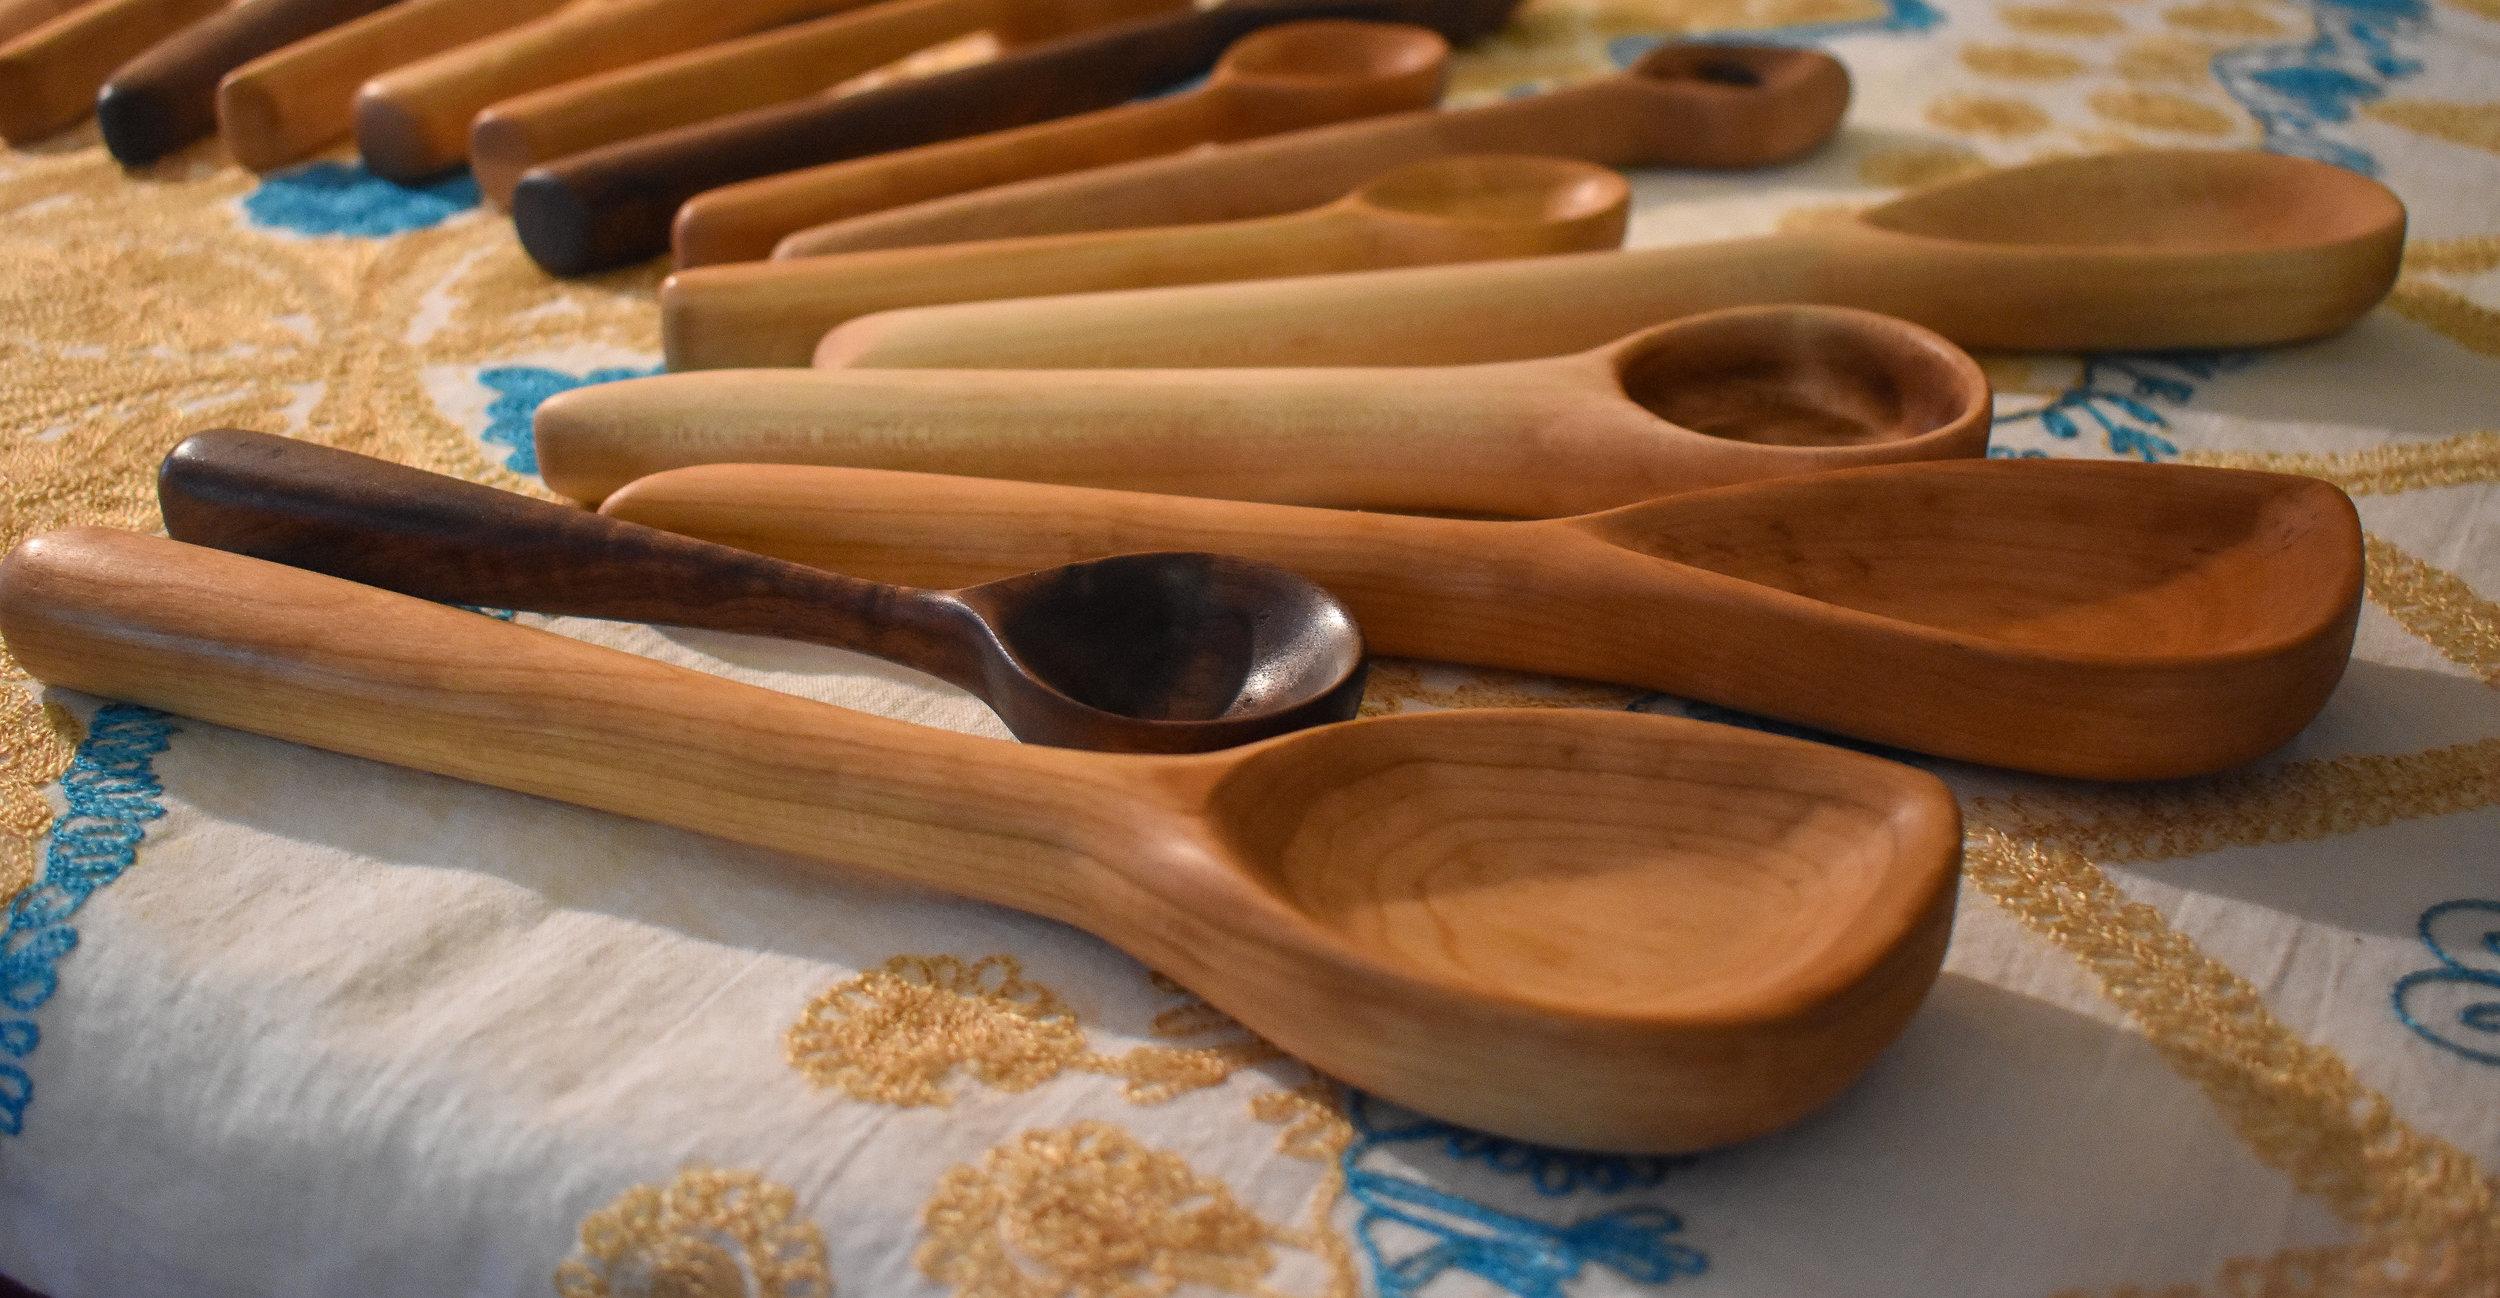 Spoons 3.jpg